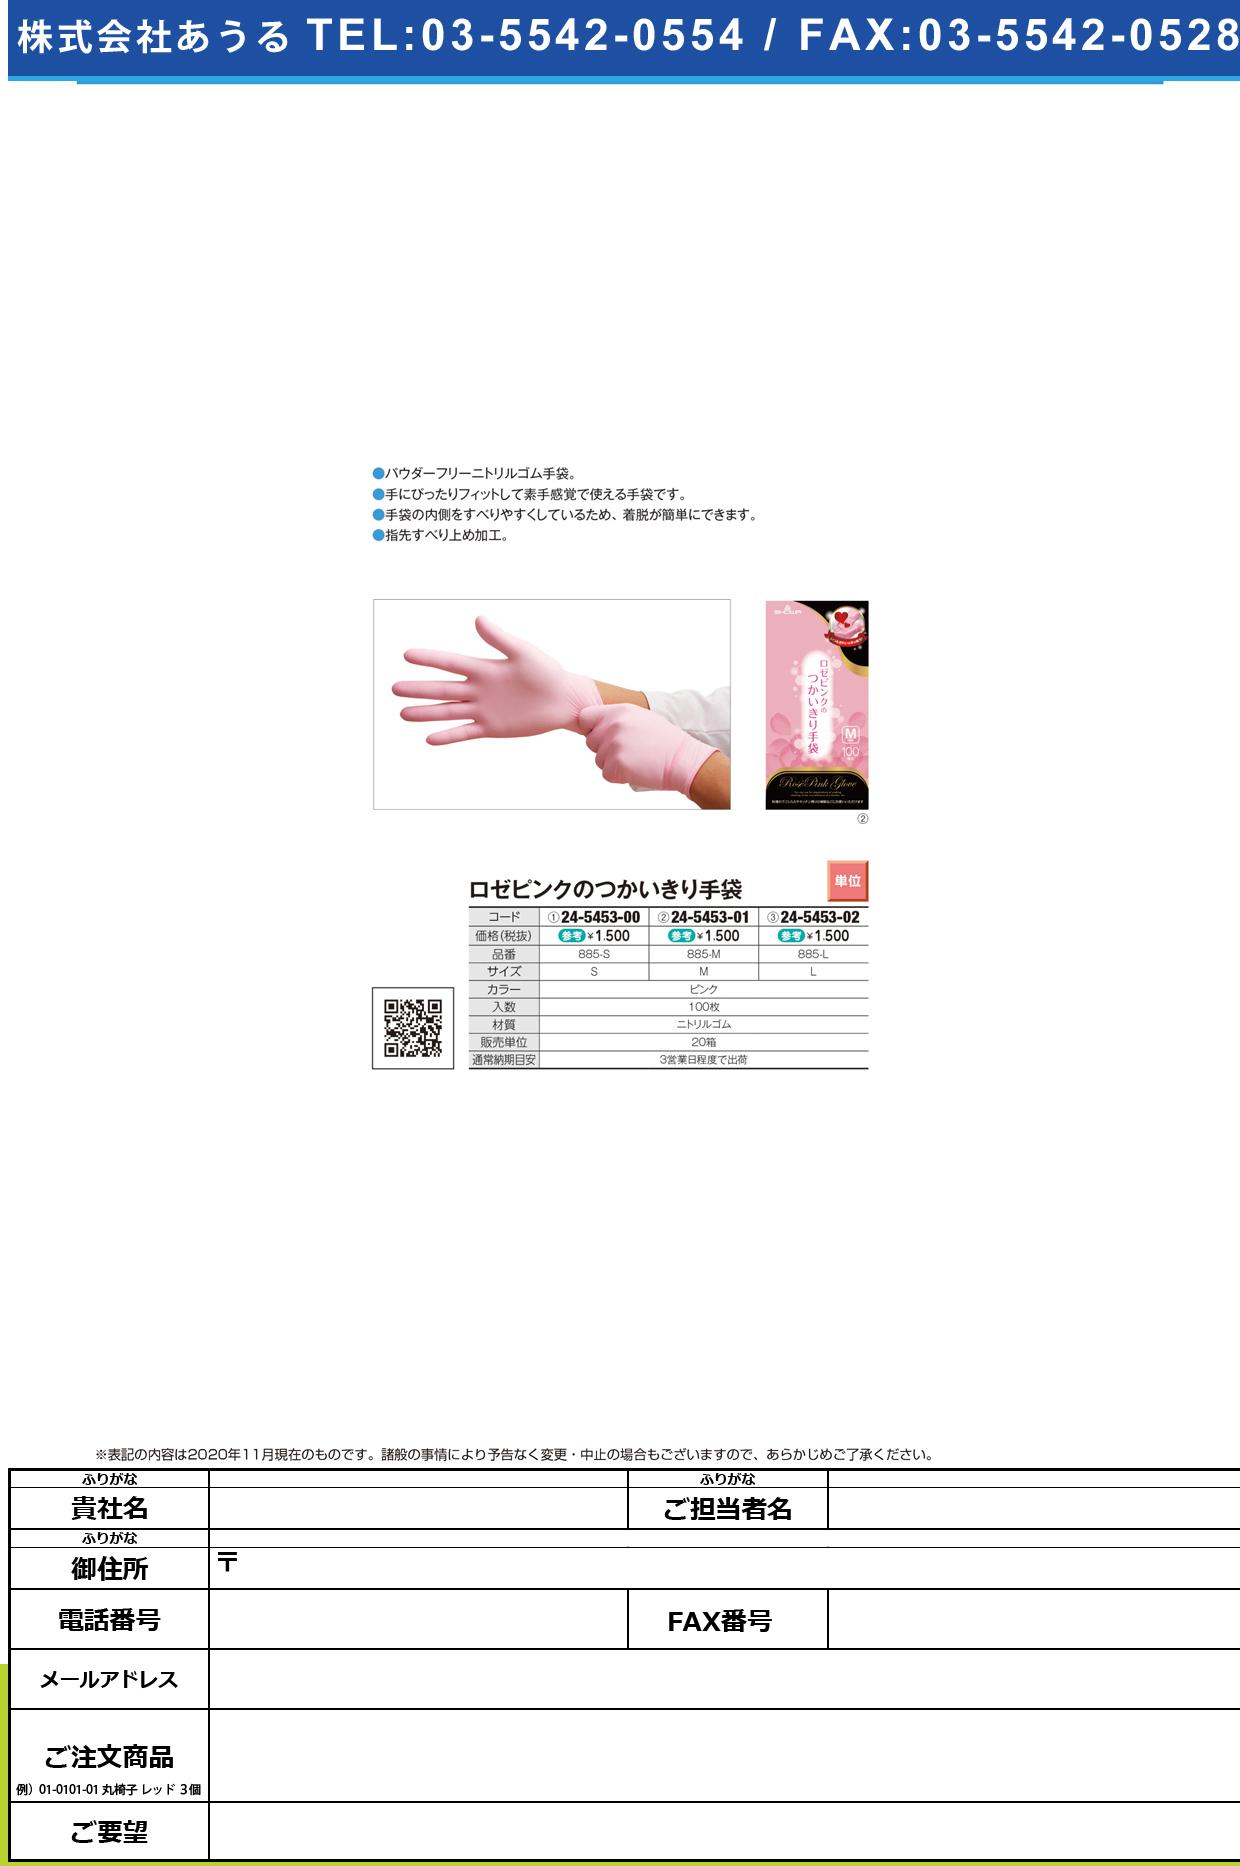 ニトリルつかいきり手袋 ロゼピンク サイズ:M 入数:100枚NO.885(M)100マイイリ(24-5453-01)【ショーワグローブ】(販売単位:20)